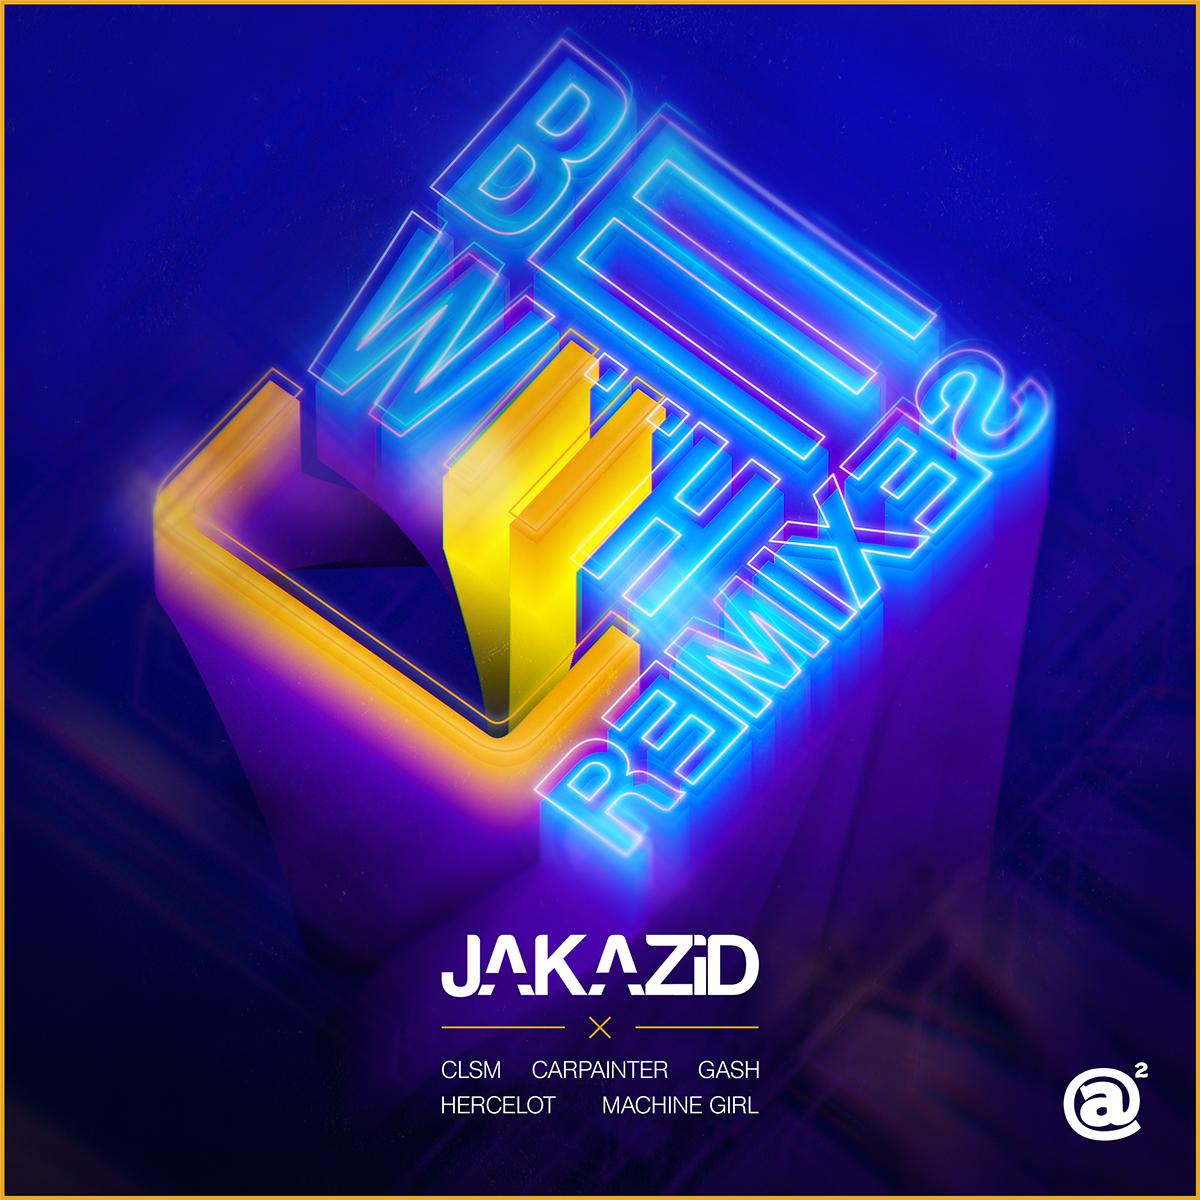 happy hardcore japan JAKAZiD album cover 3D neon CLSM electronic